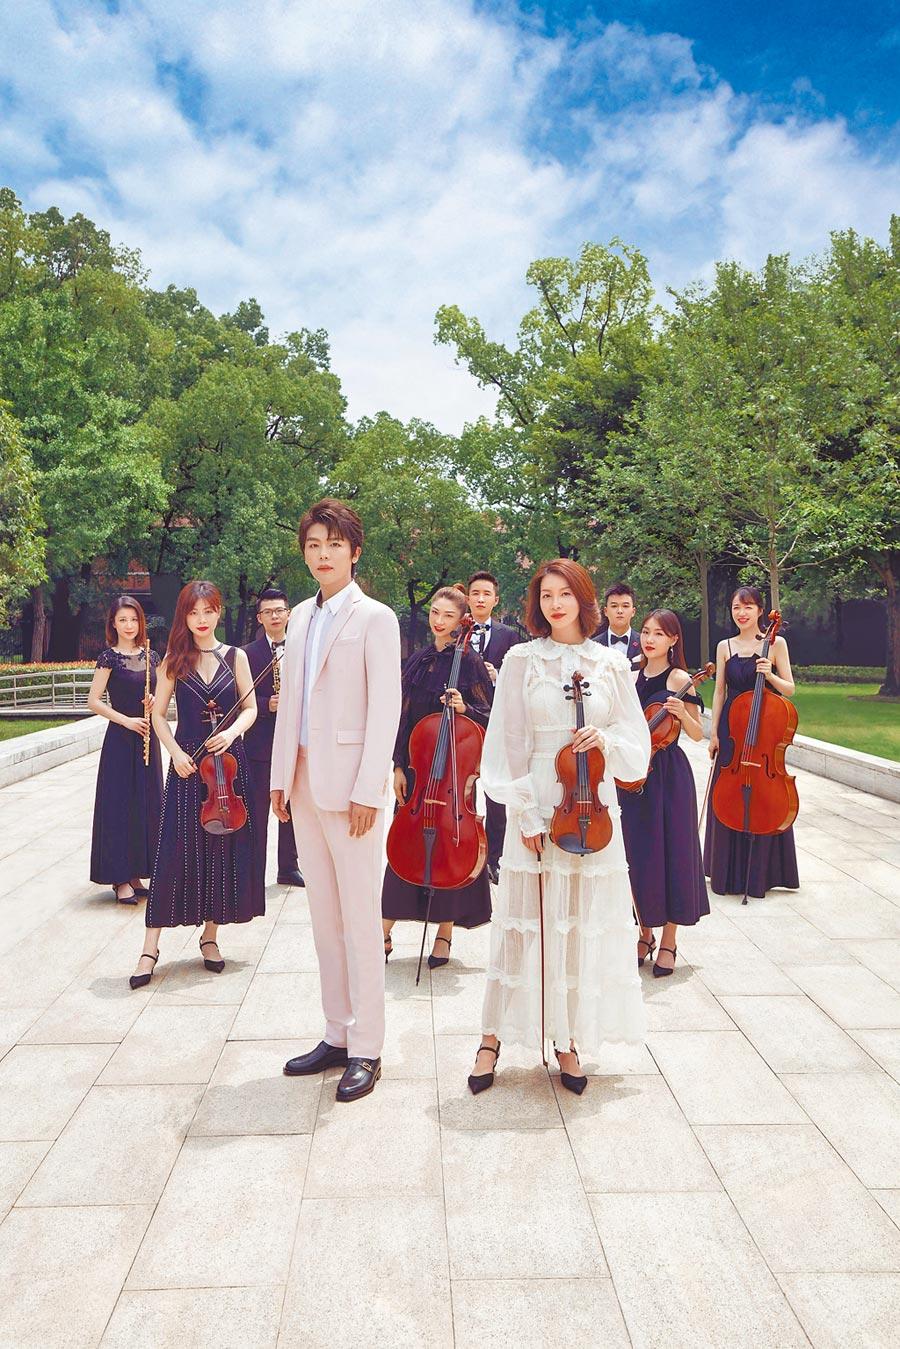 7月10日於上海外灘發表的音樂會直播,同樣受到許多讚賞。(Fendi提供)